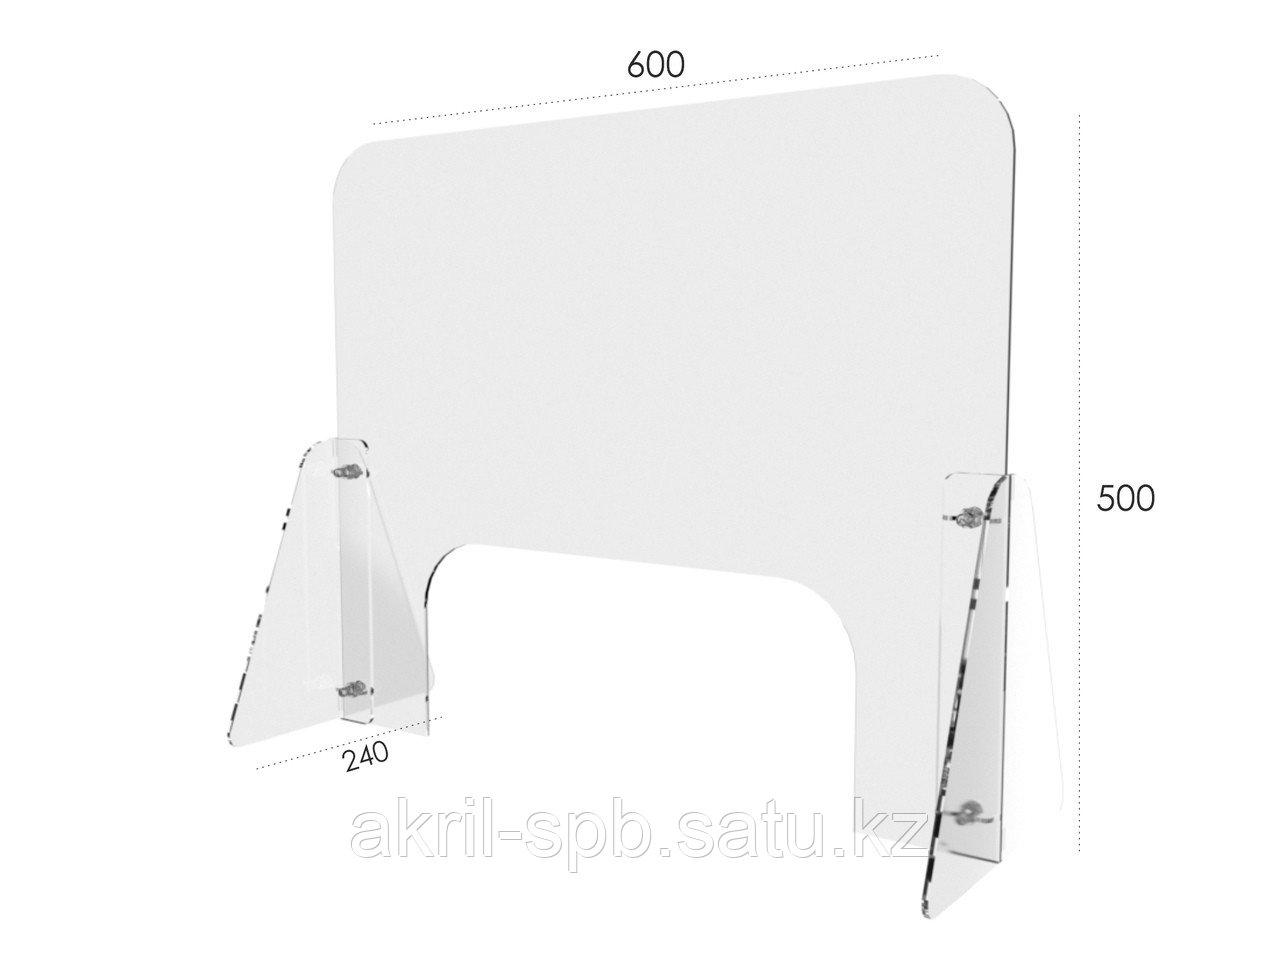 Защитный экран 600х500мм